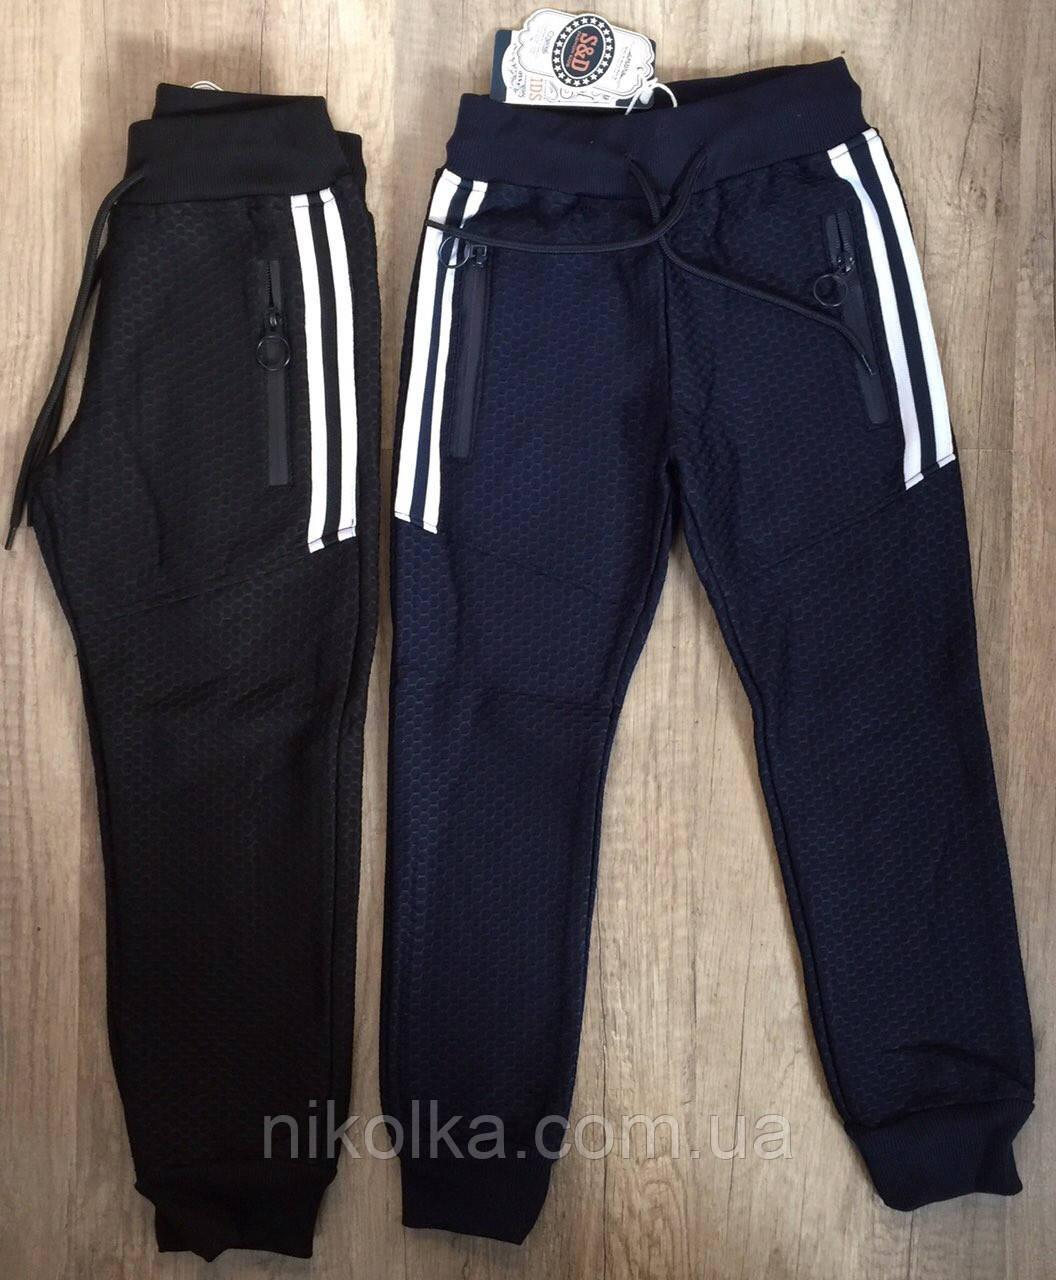 Спортивные брюки для мальчиков с начесом оптом, S&D, 4-12 лет, арт. XX-01